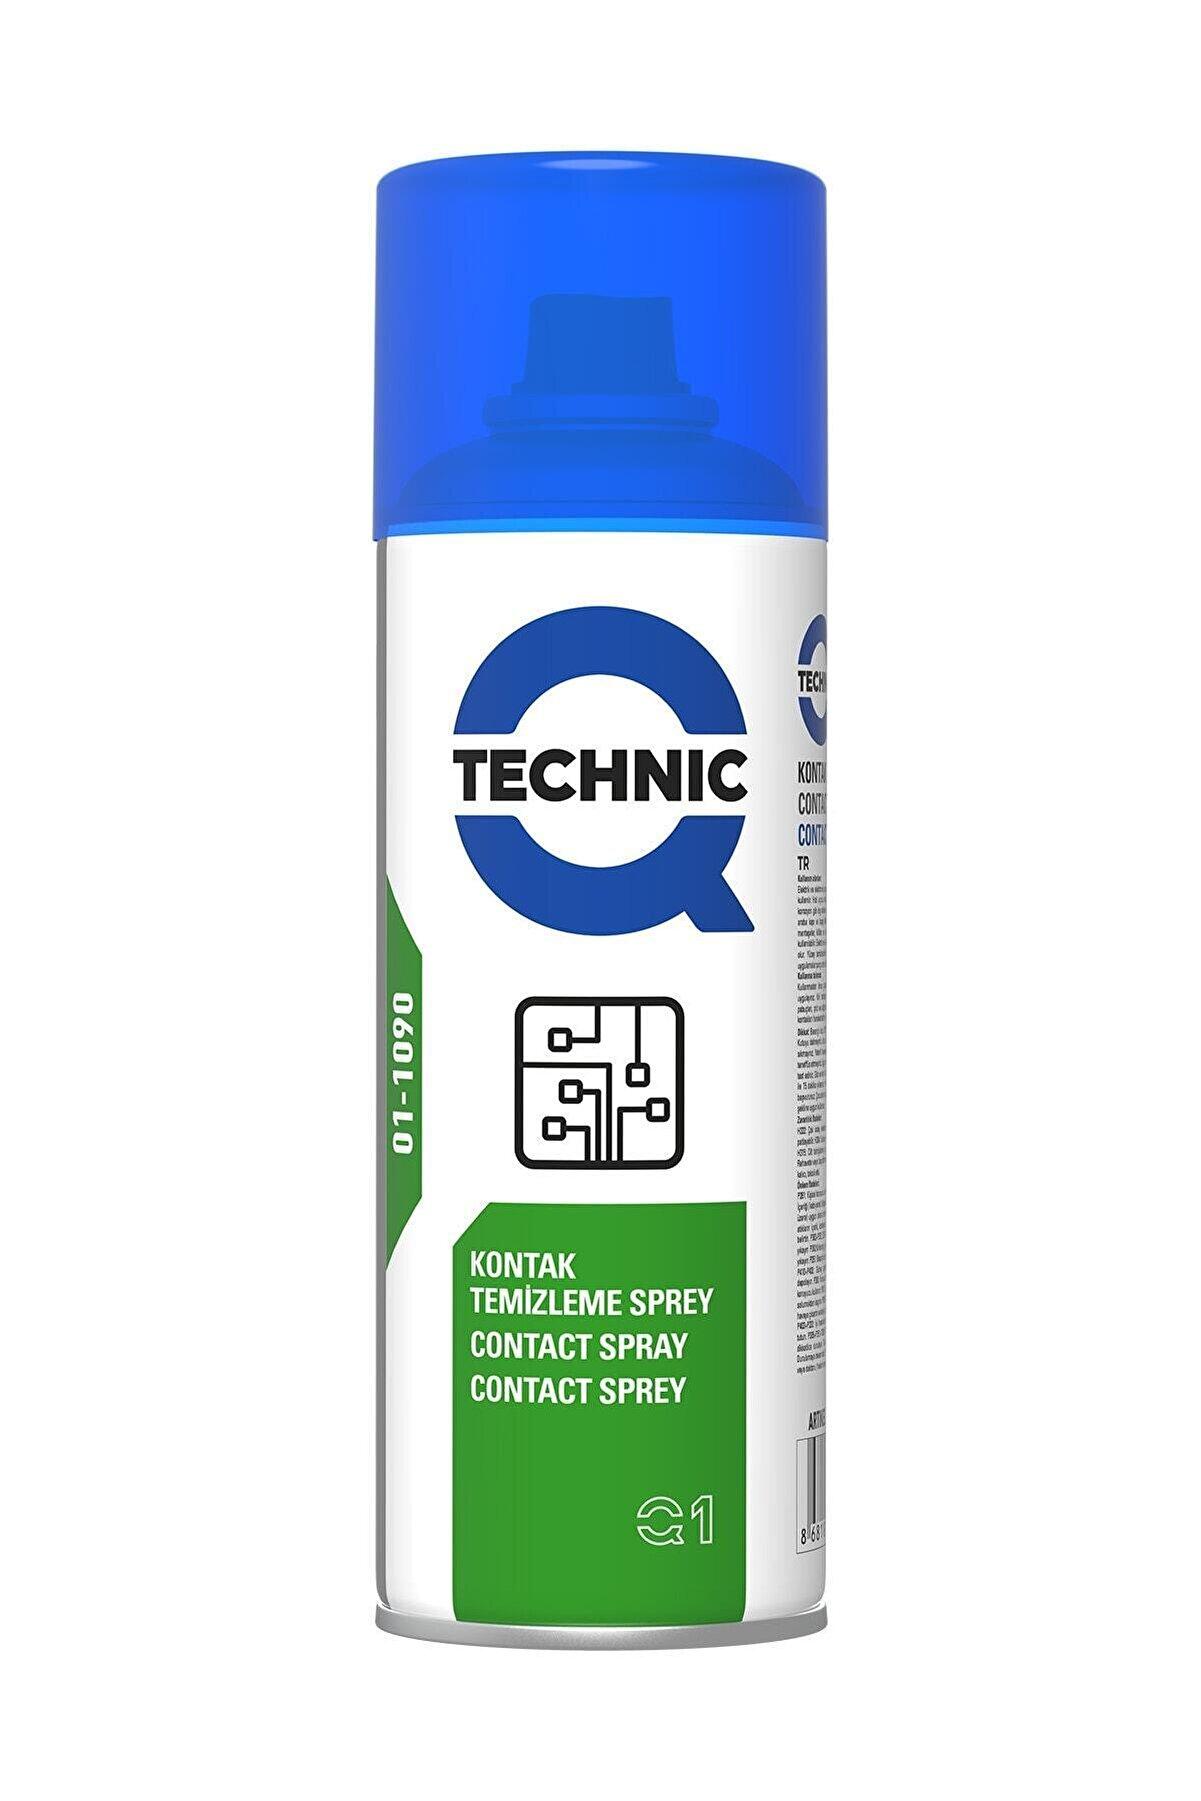 Qtechnic Kontak Temizleyici Sprey (yağsız) 400ml